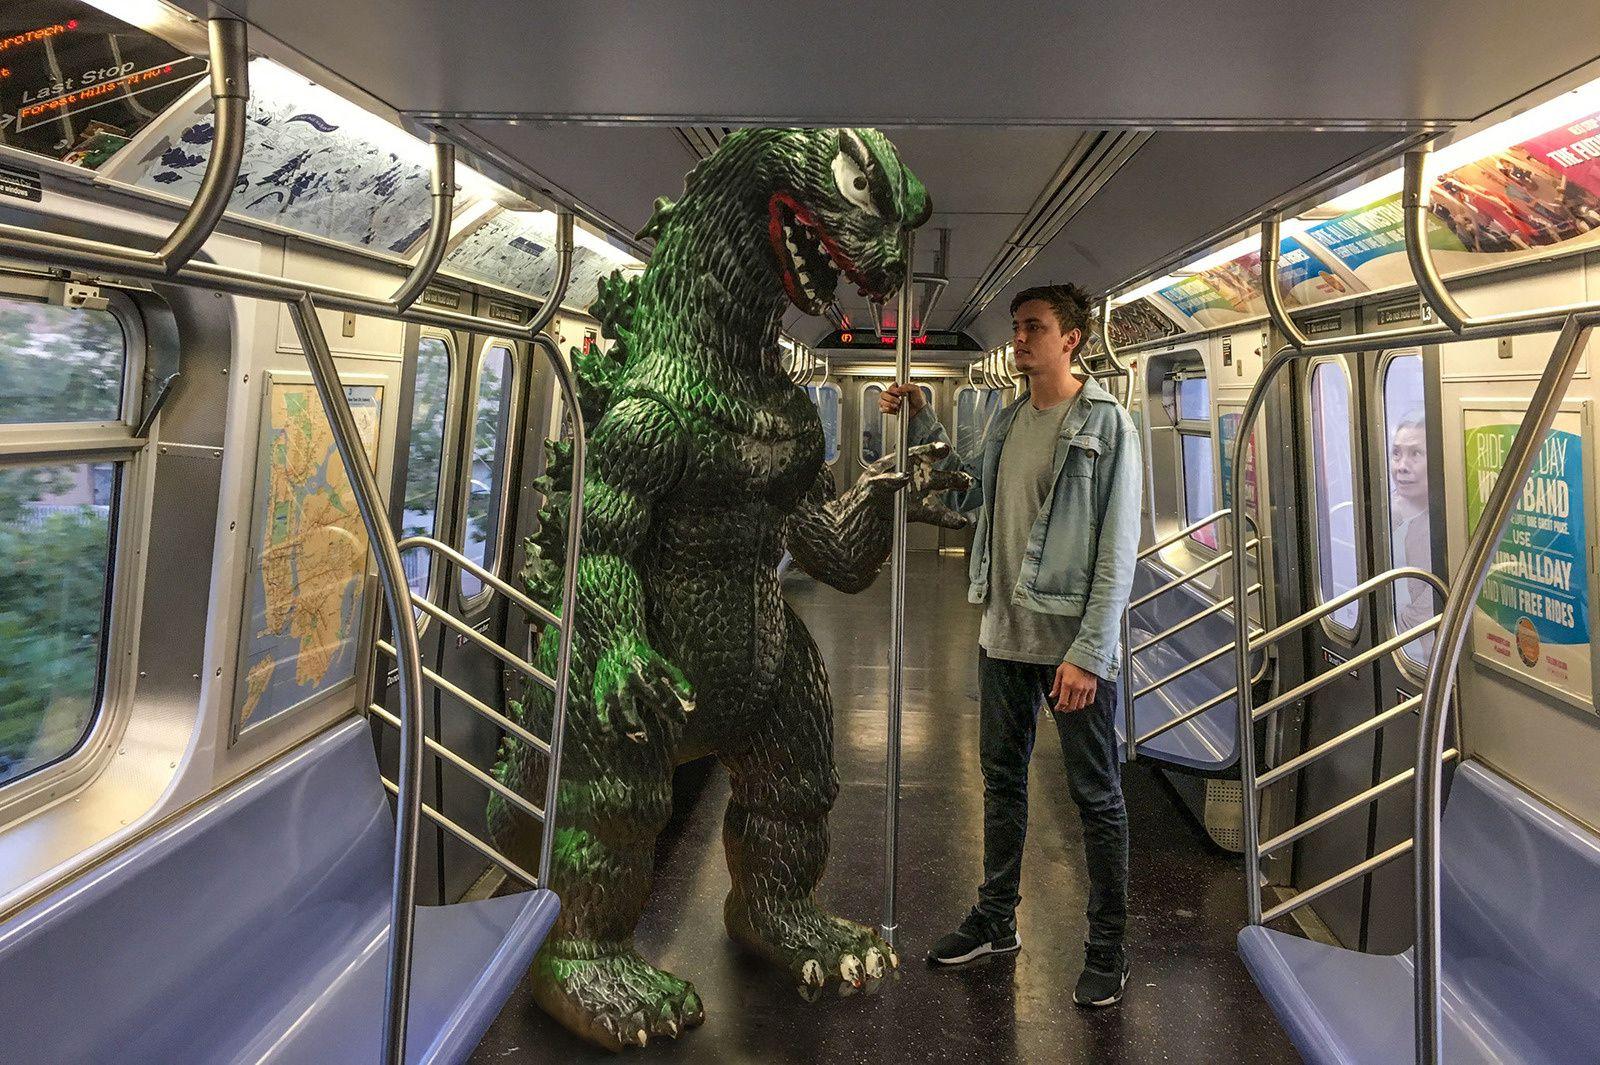 En balade avec Godzilla